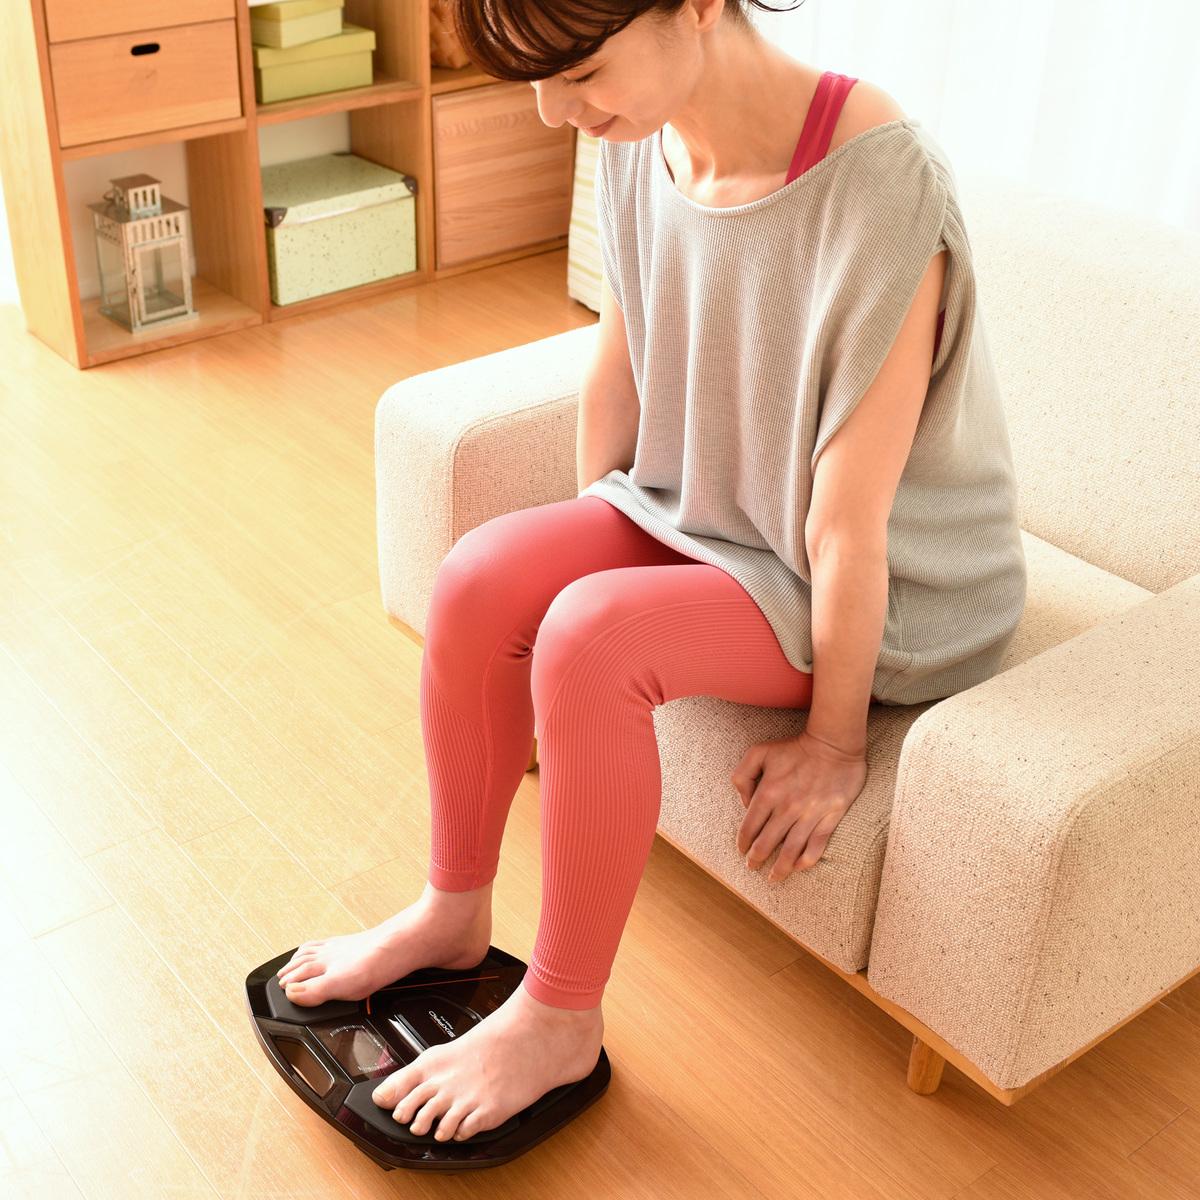 足 シックス パッド シックスパッドフットフィットの足や足裏の効果は?高齢者の口コミやレビュー!